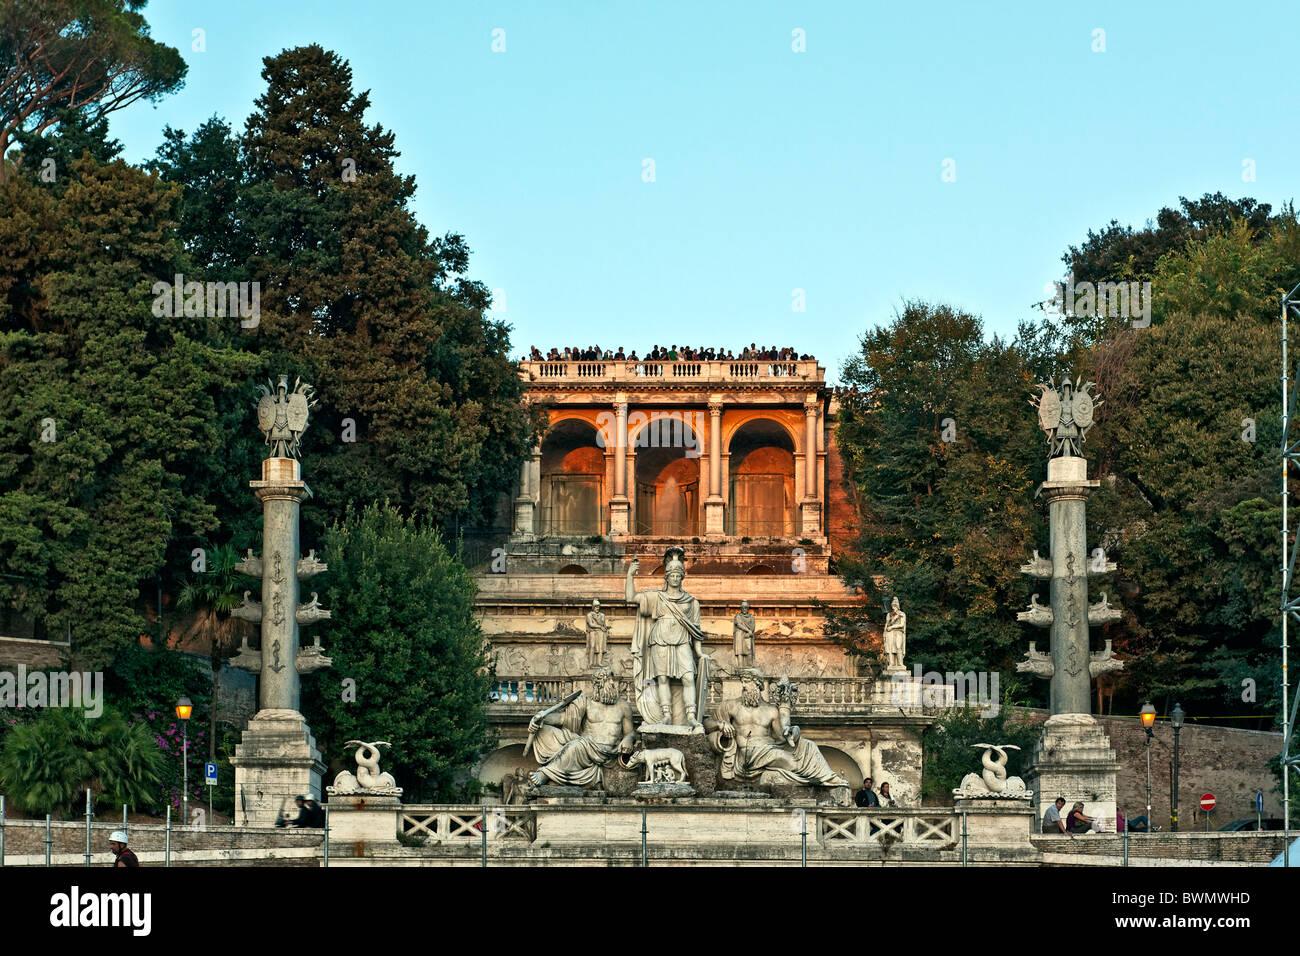 Pincio balcone monumentale e la fontana della Dea di Roma, Piazza del Popolo, Roma, Italia Immagini Stock